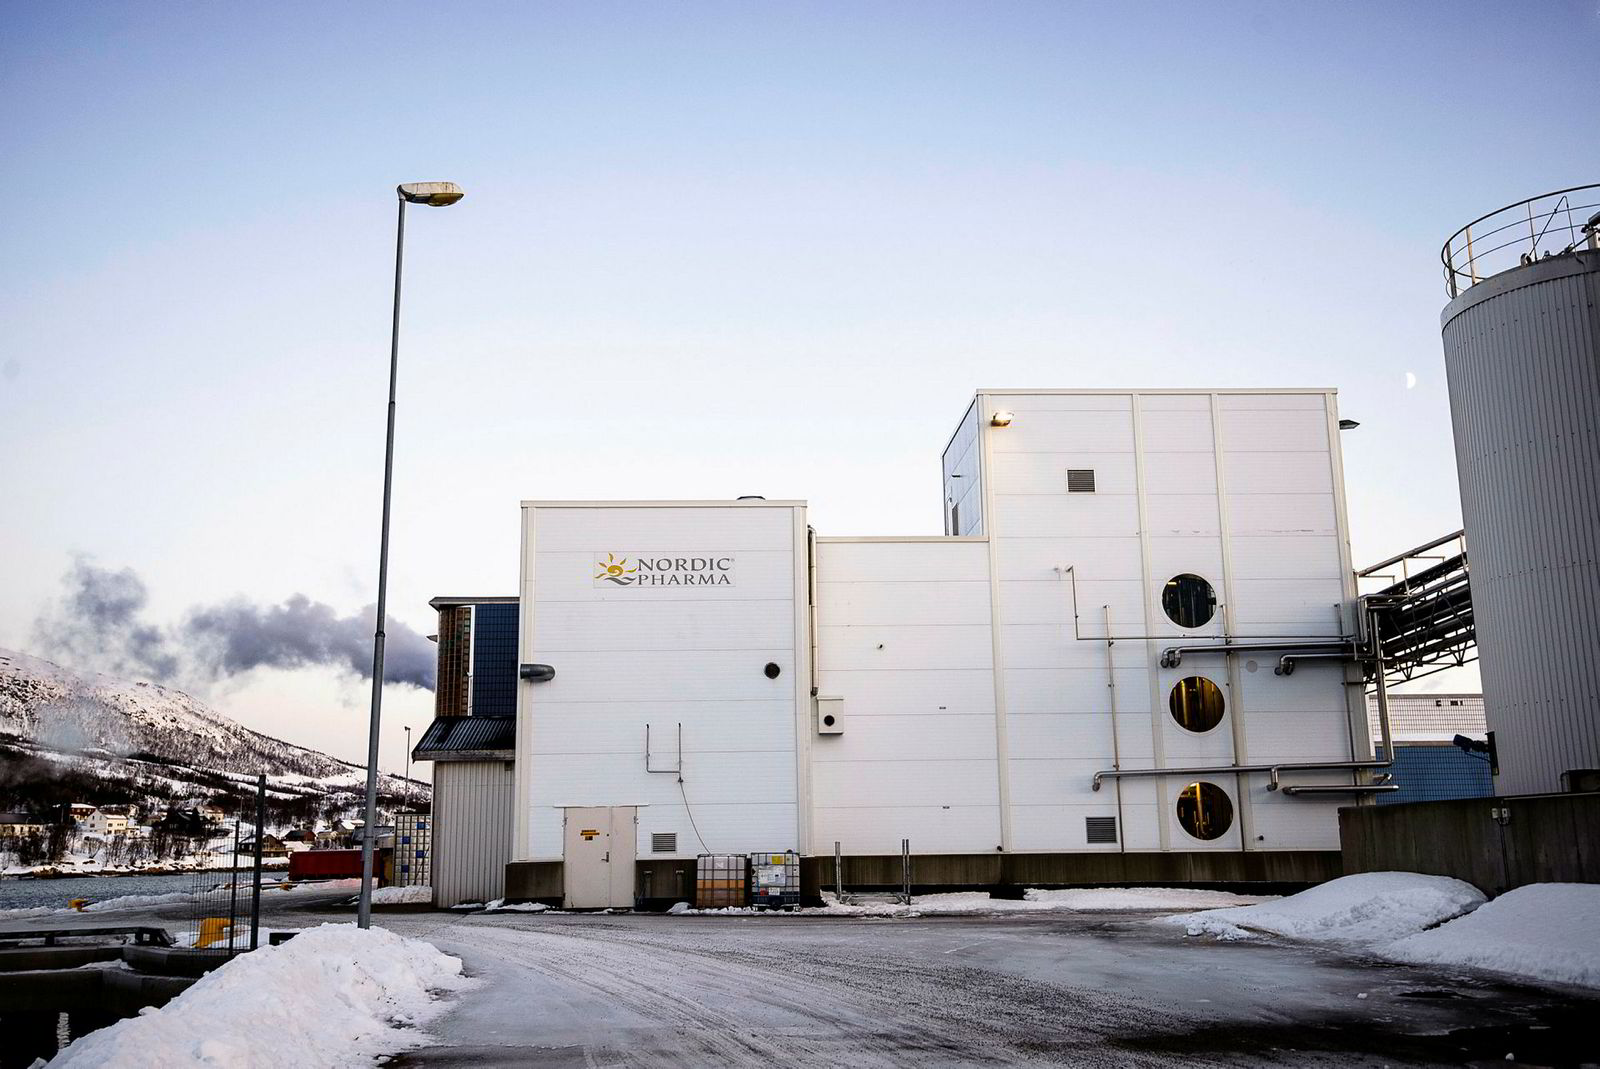 Den gamle fabrikken til Tromsø Reker ble etter seks års uvirksomhet pusset opp etter kravene til ProBio i 2011. Fabrikken ble overtatt av Nordic Pharmai 2014, som overtok ansatte og leieforholdet og investerte tungt.